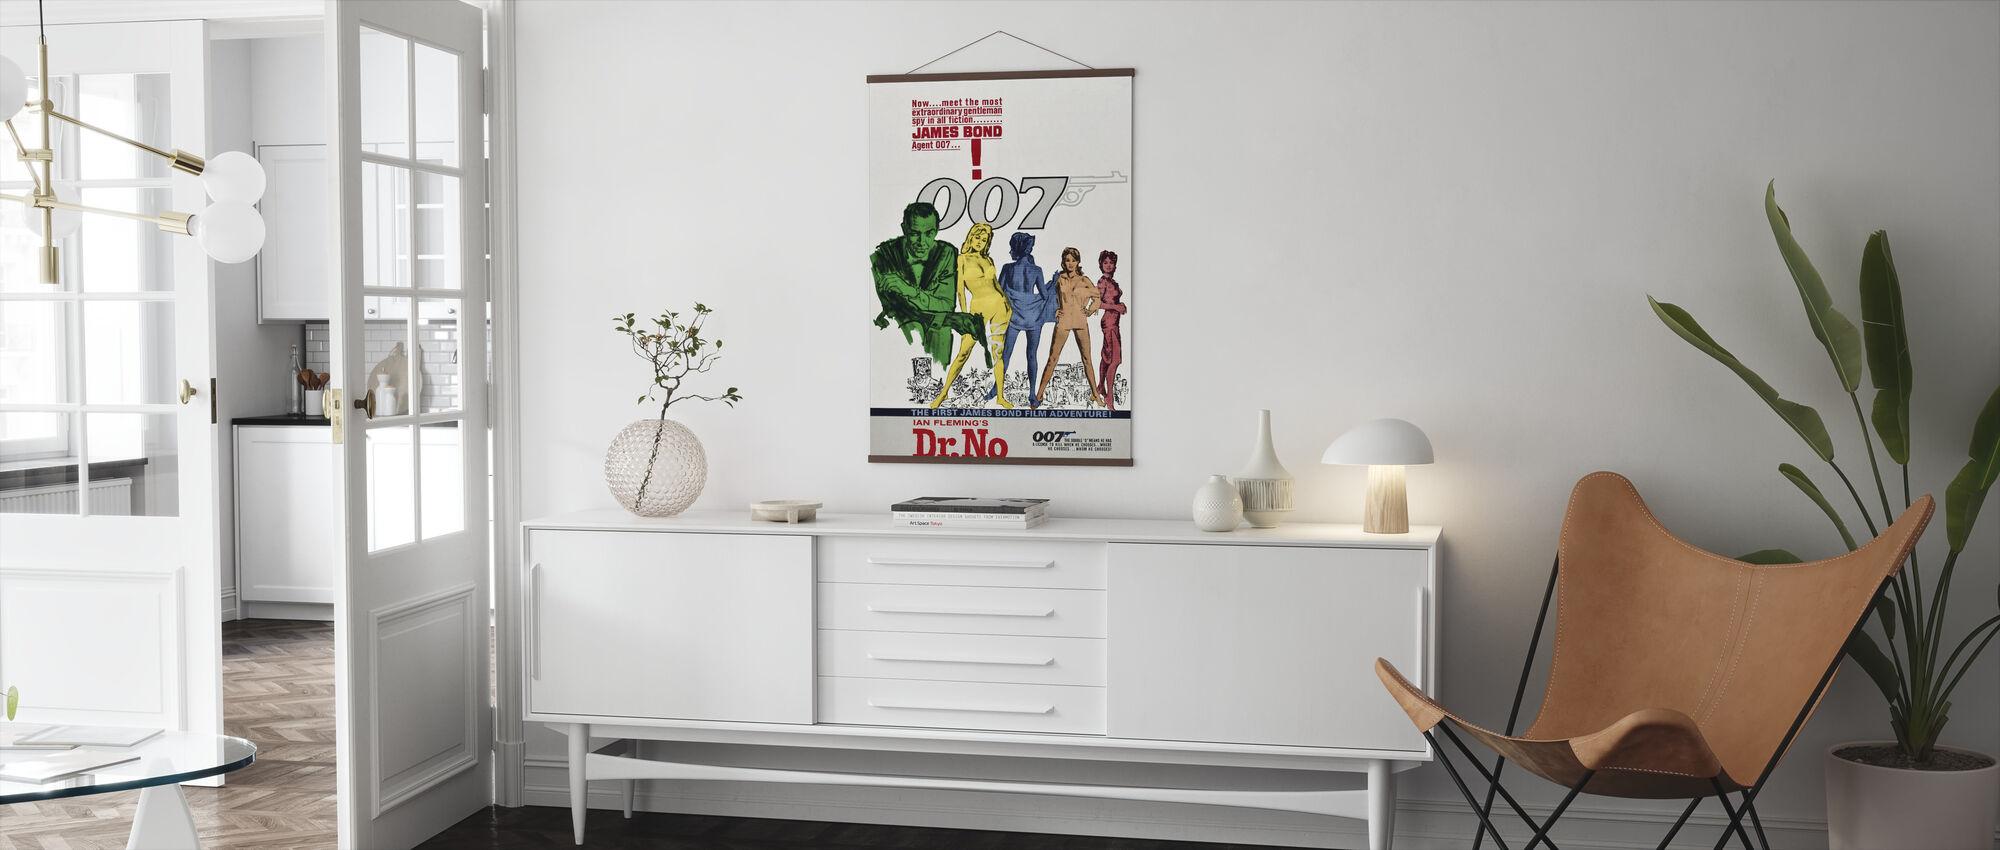 Dr. - Poster - Vardagsrum